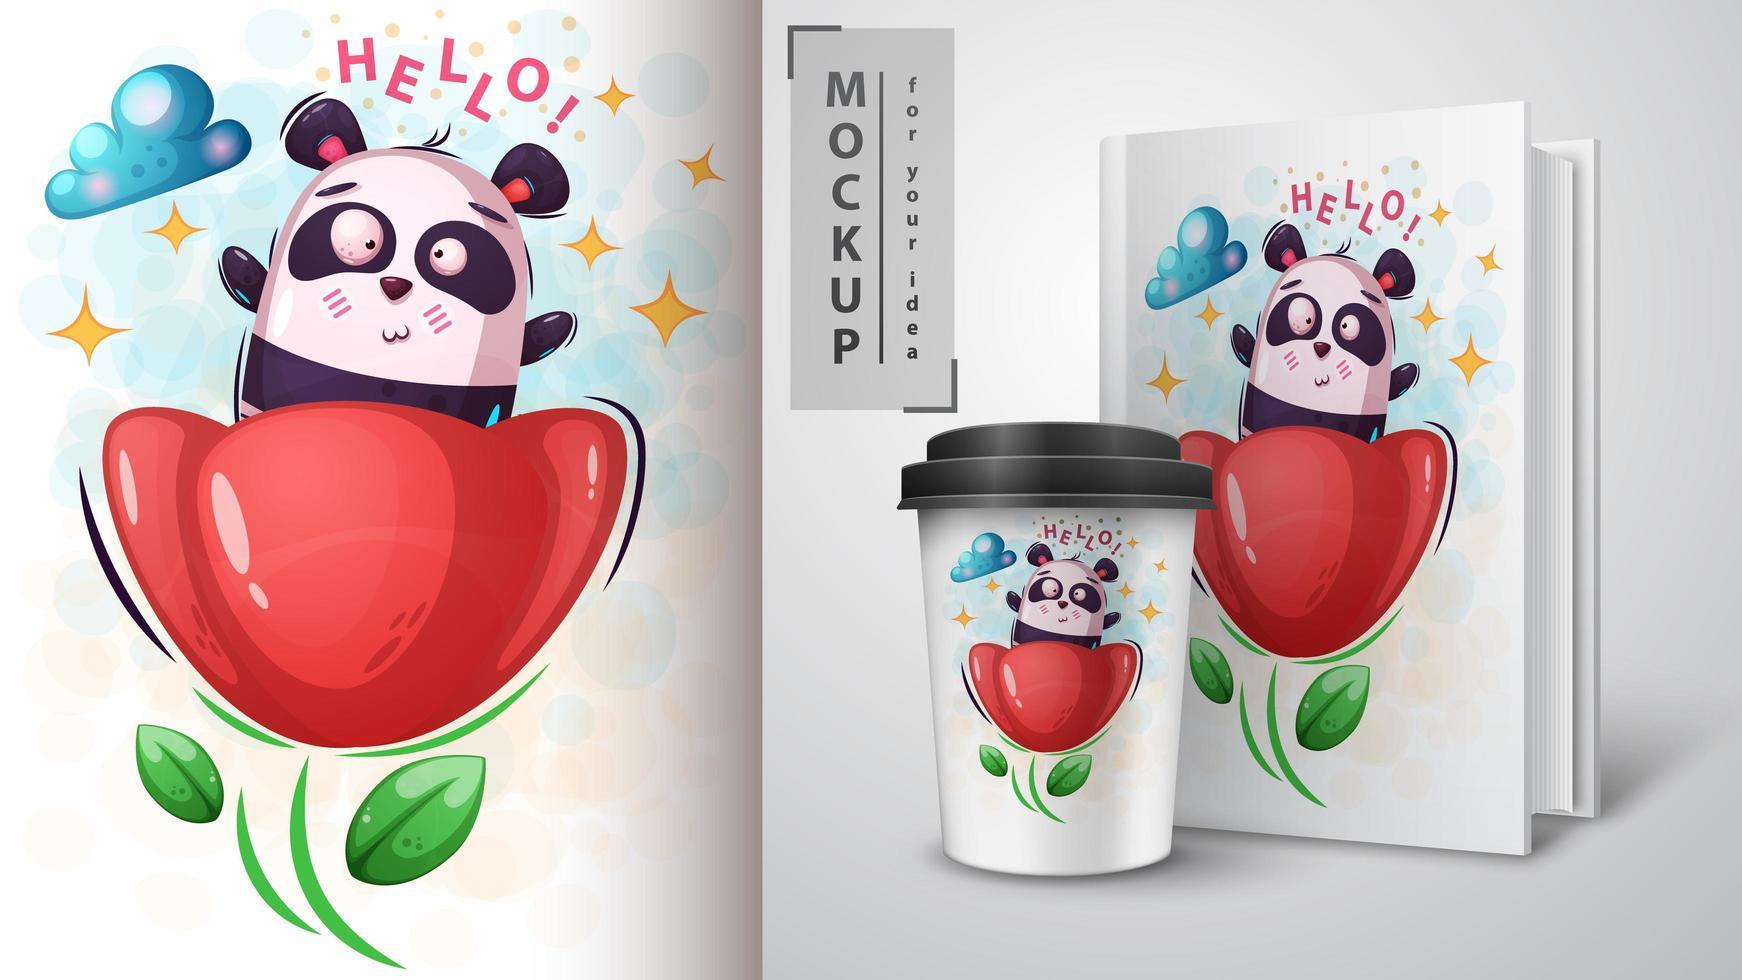 panda in bloem hallo ontwerp vector